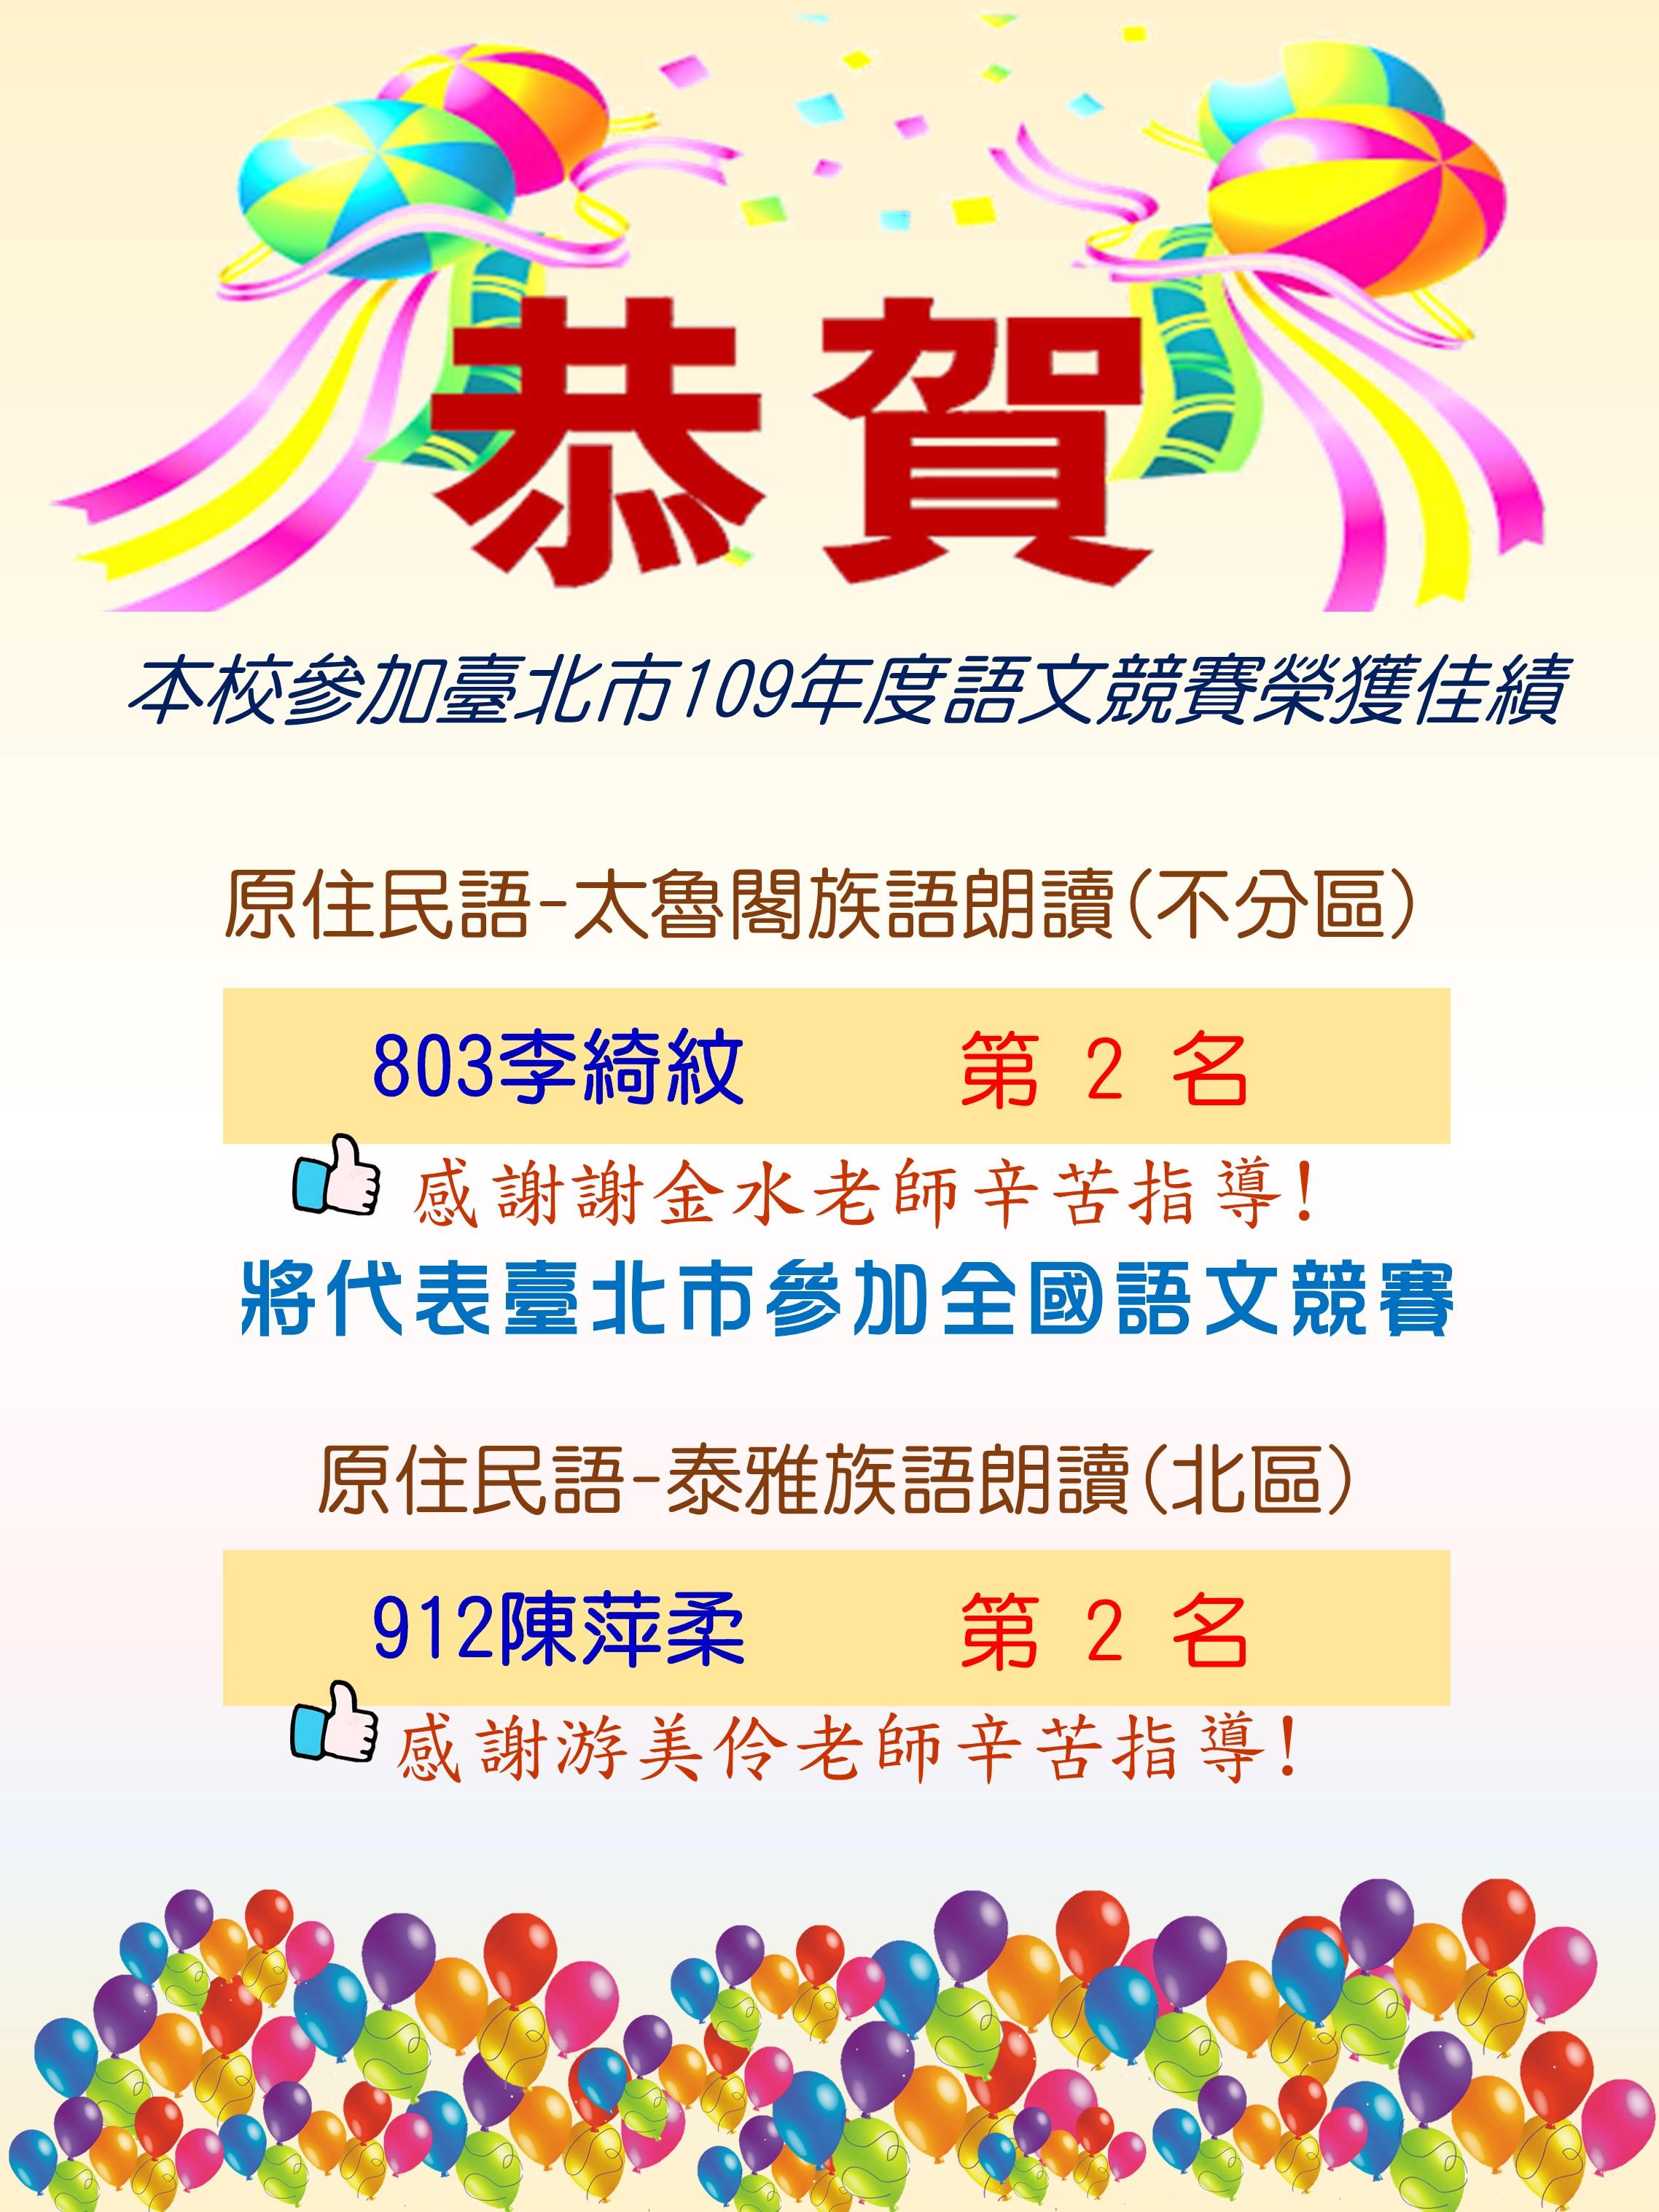 臺北市109語文競賽獲獎海報A4